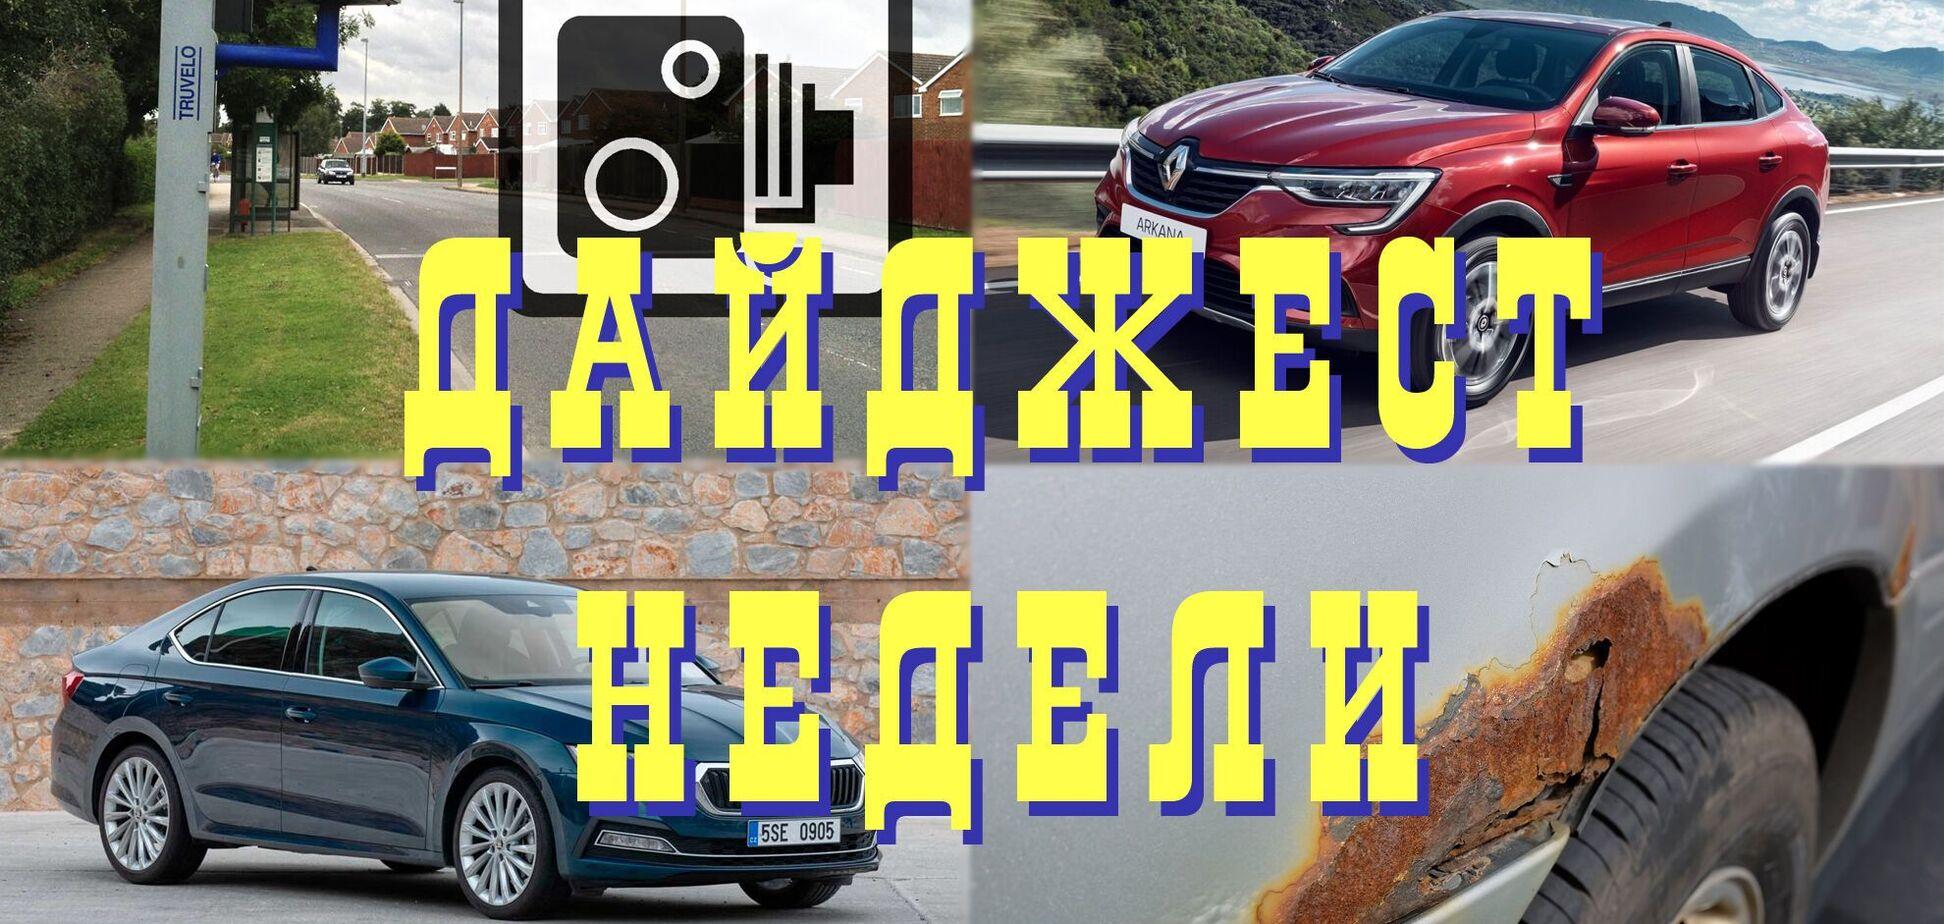 Новинки ЗАЗа, 200 камер и техосмотр в этом году: главное за неделю